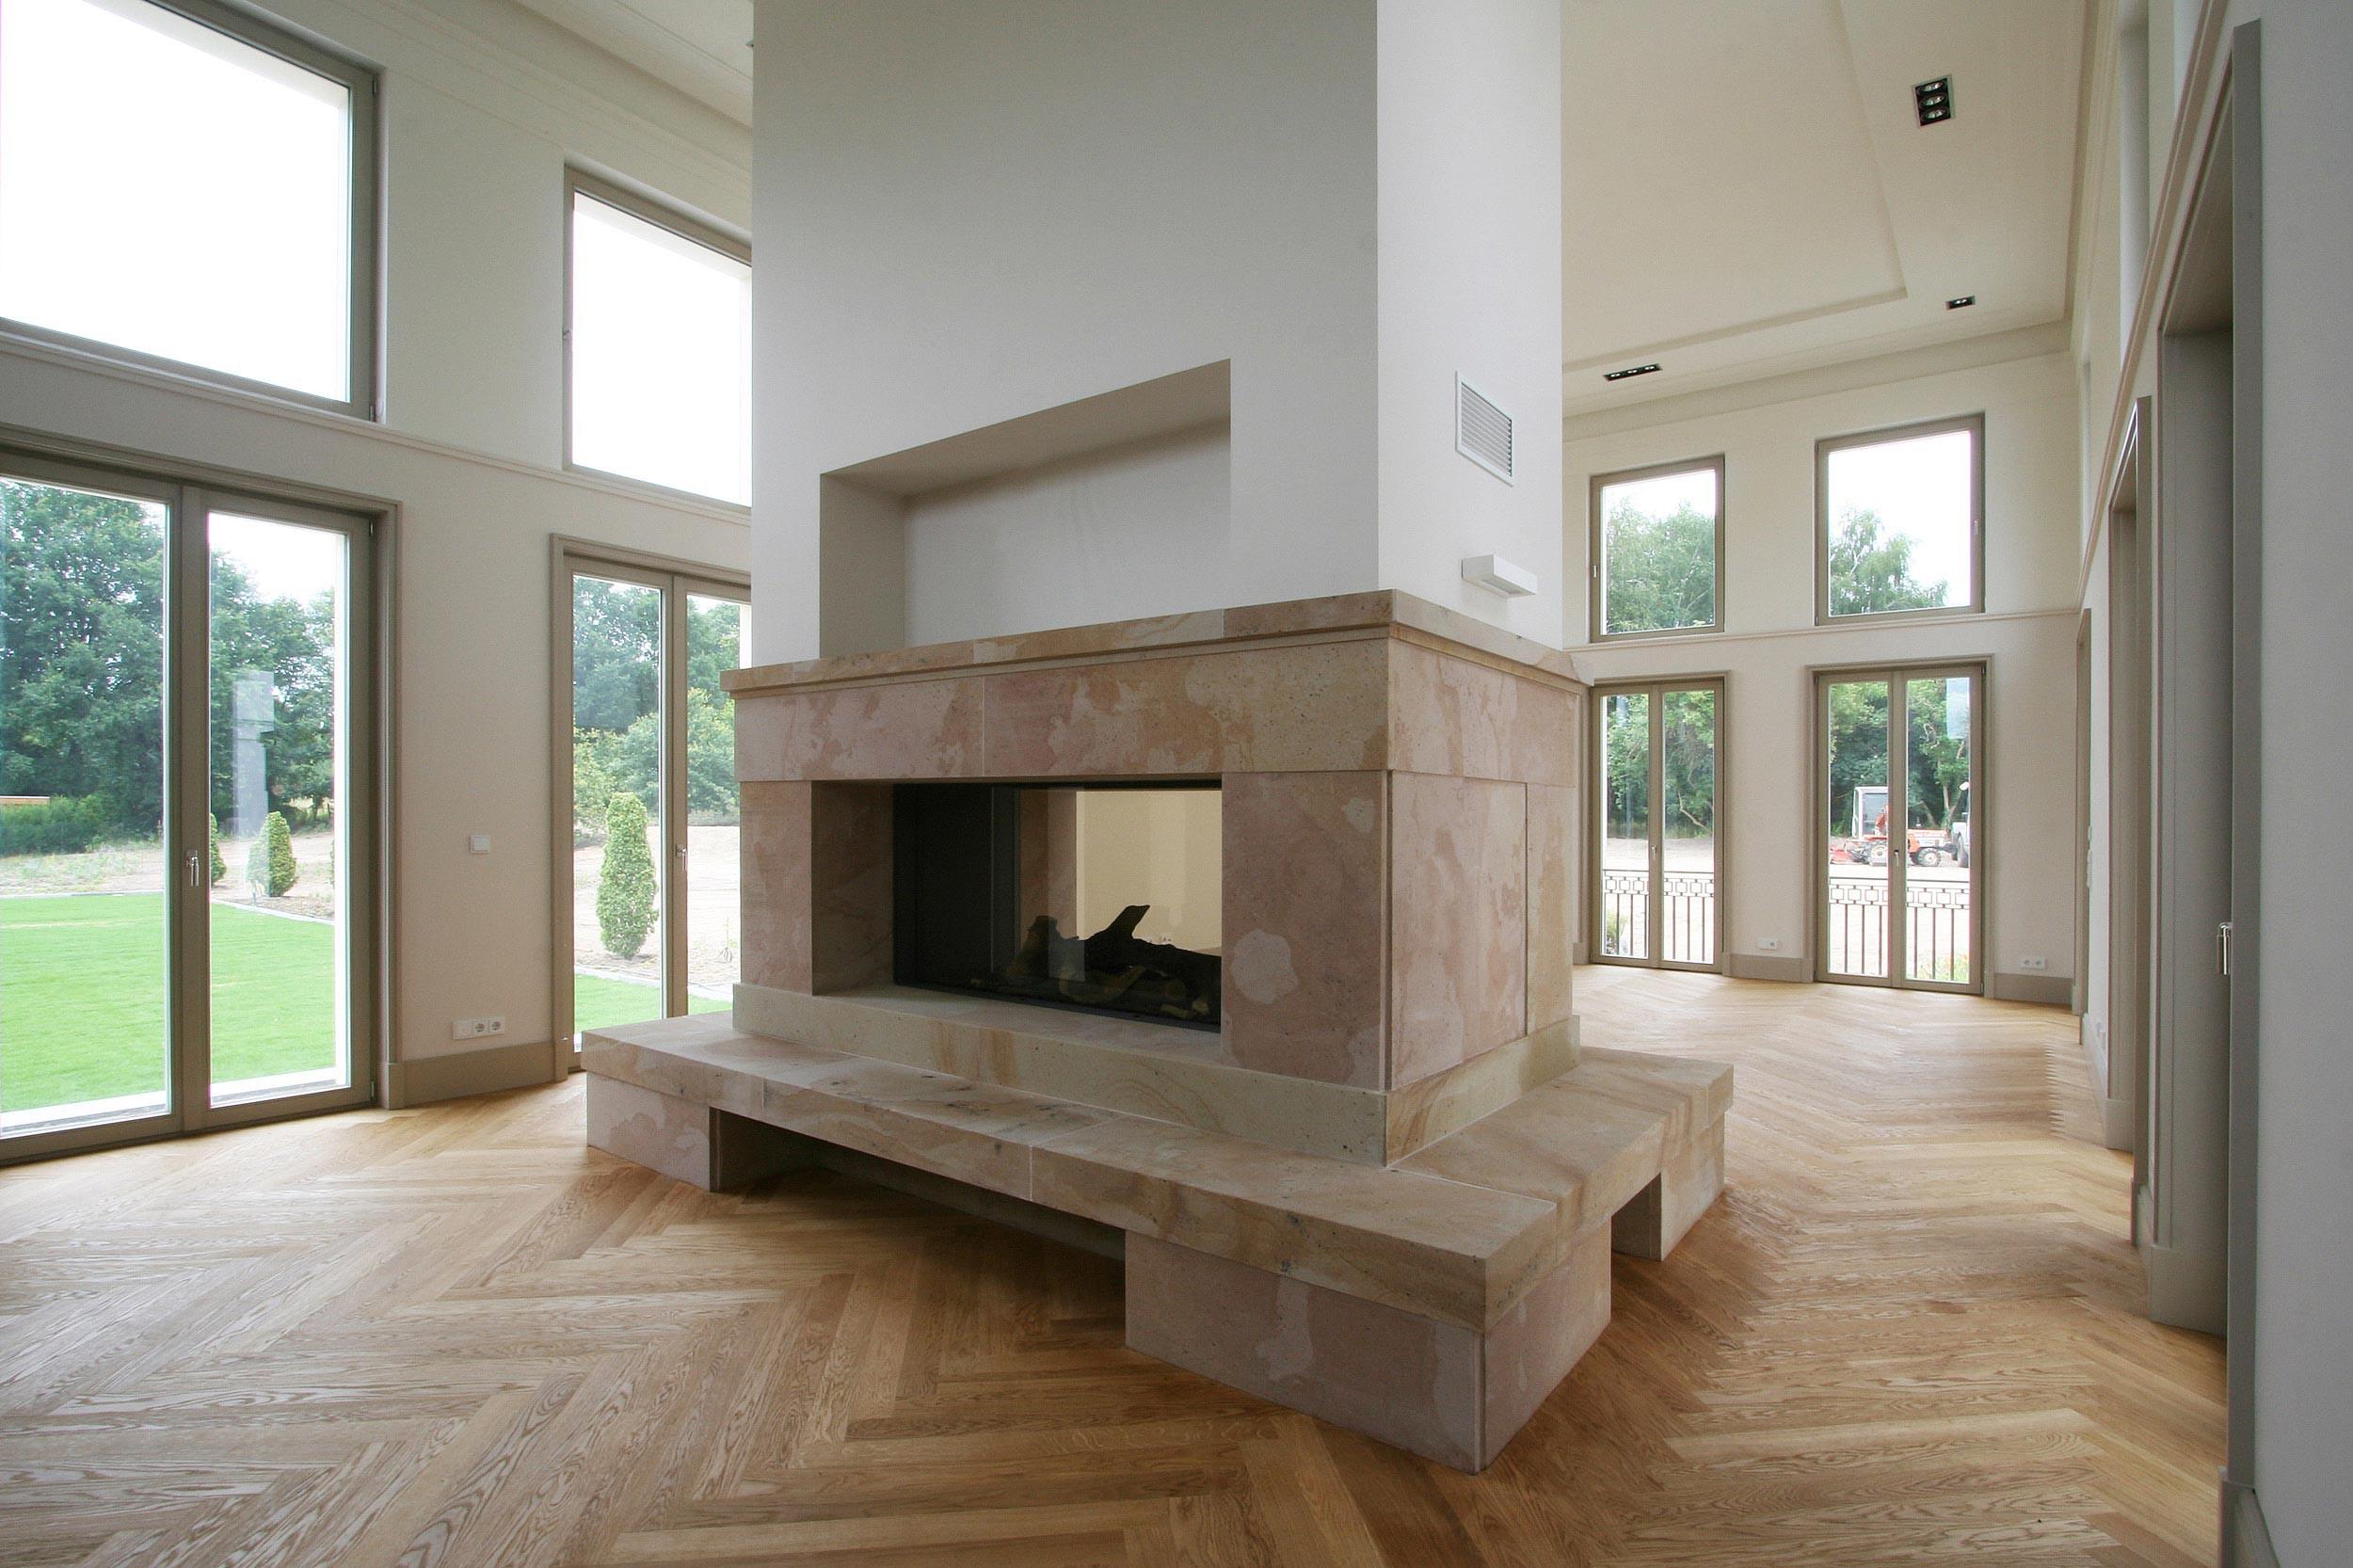 KLASSIK UND TRADITION - Die Wohnhalle ist doppelgeschossig hoch. Ein großer Kamin in der Raummitte der Halle ist zweiseitig.